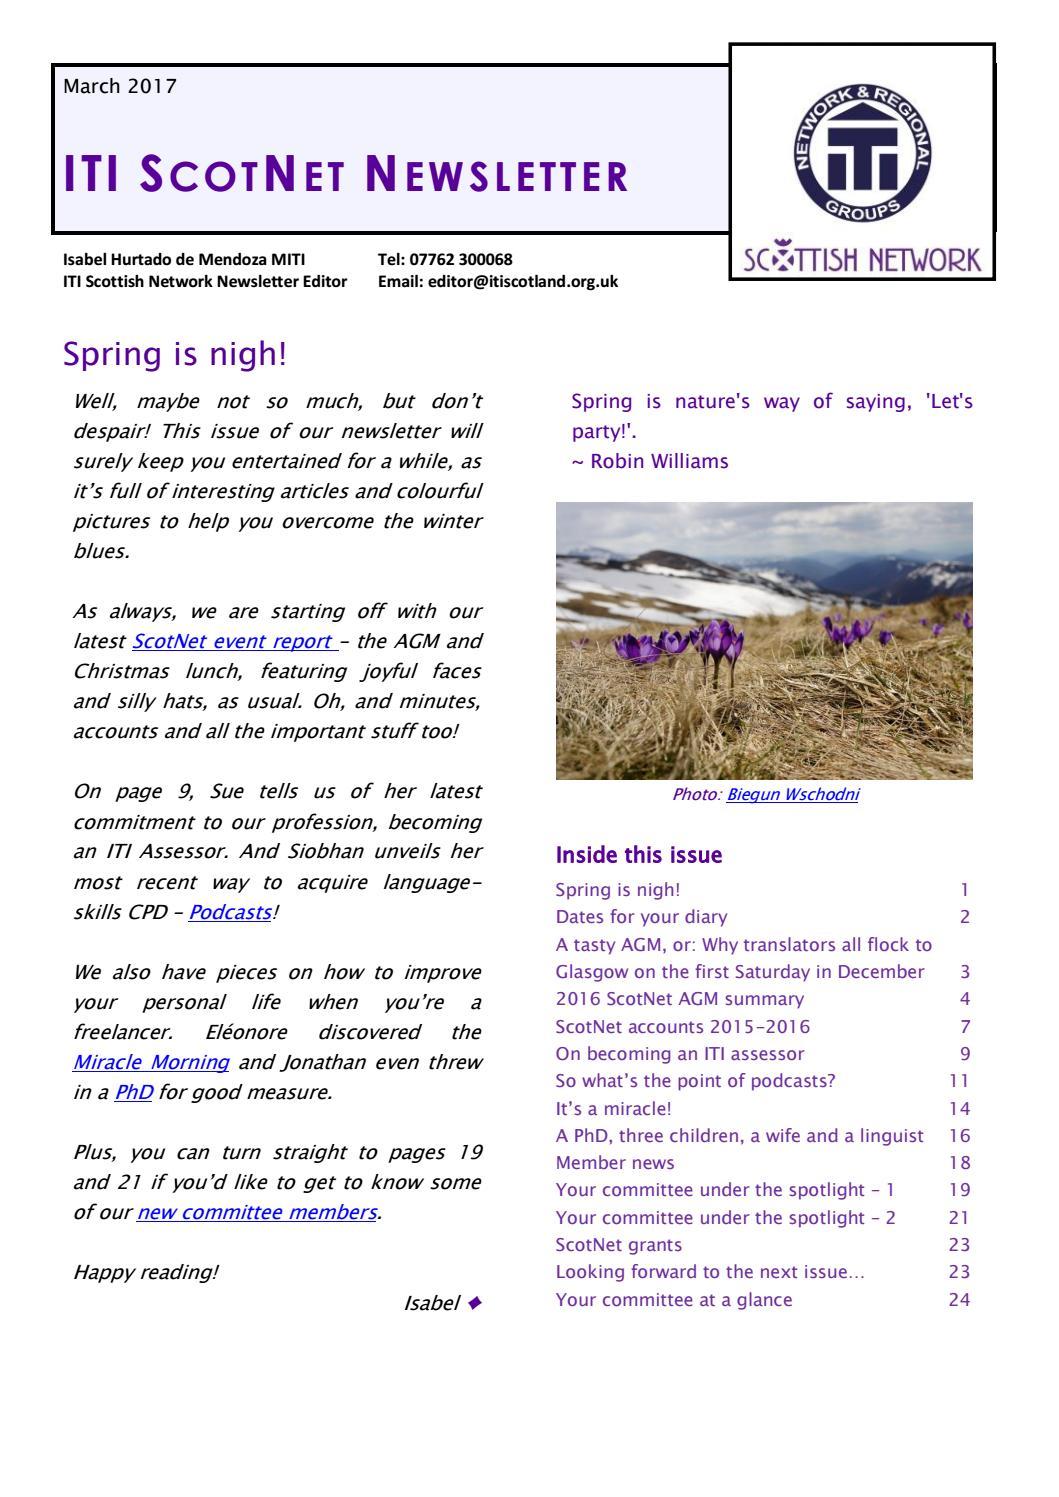 Iti scottish network newsletter march 2017 by iwan davies issuu kristyandbryce Choice Image